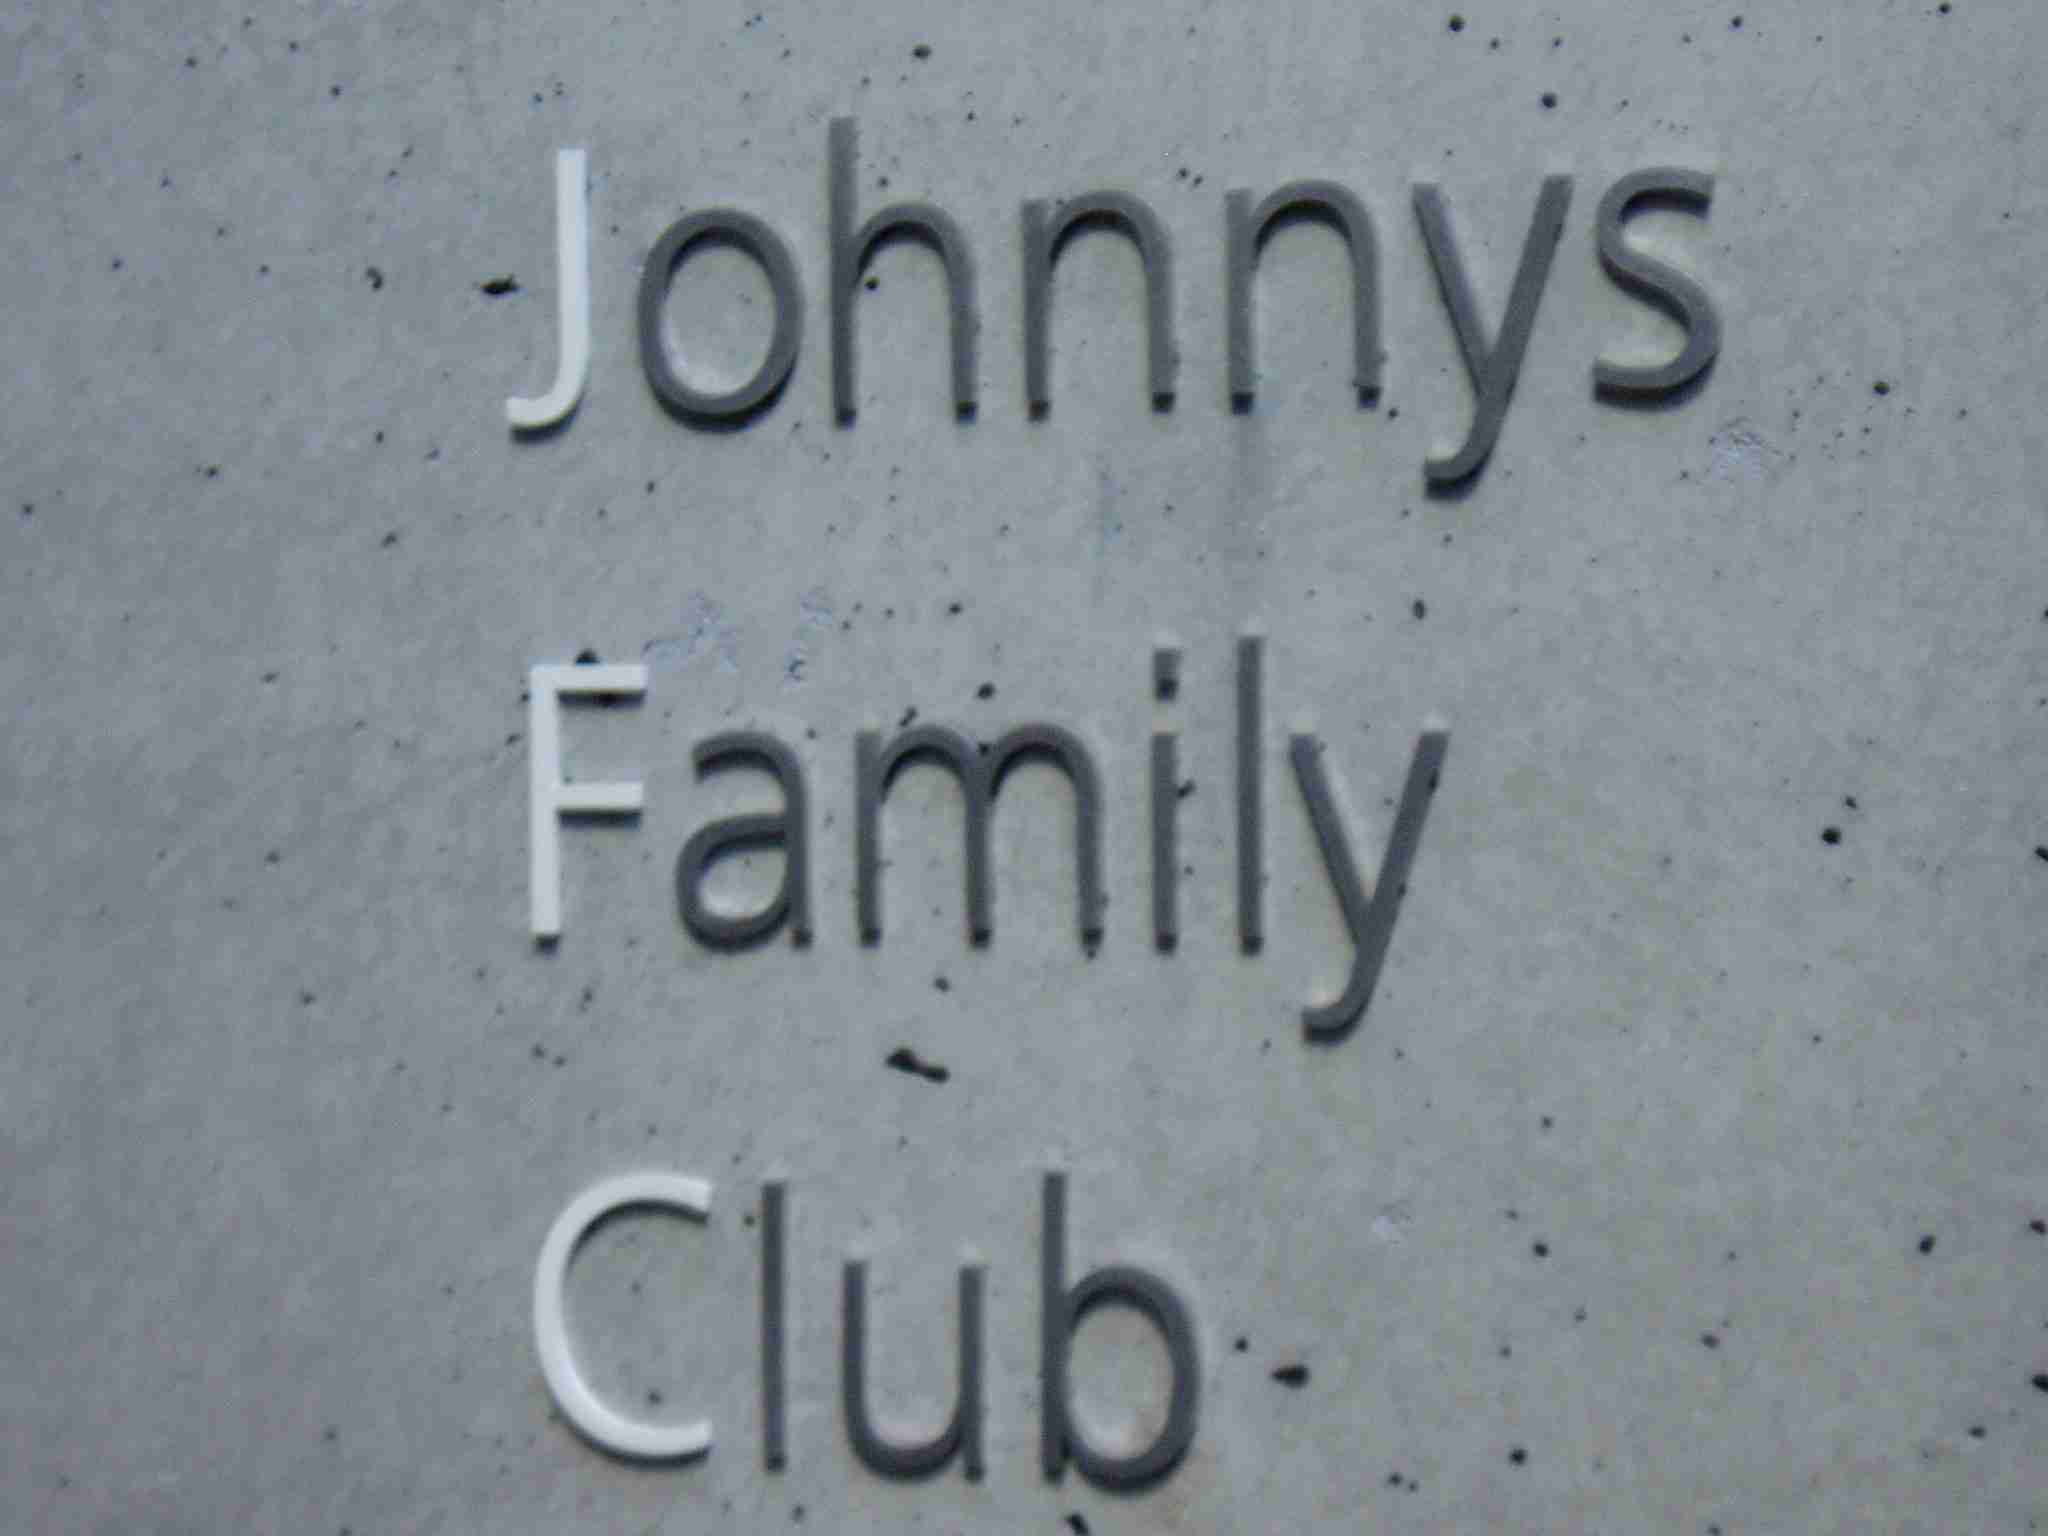 ジャニーズ事務所 ファンクラブ会員規約を来年中に改定へ